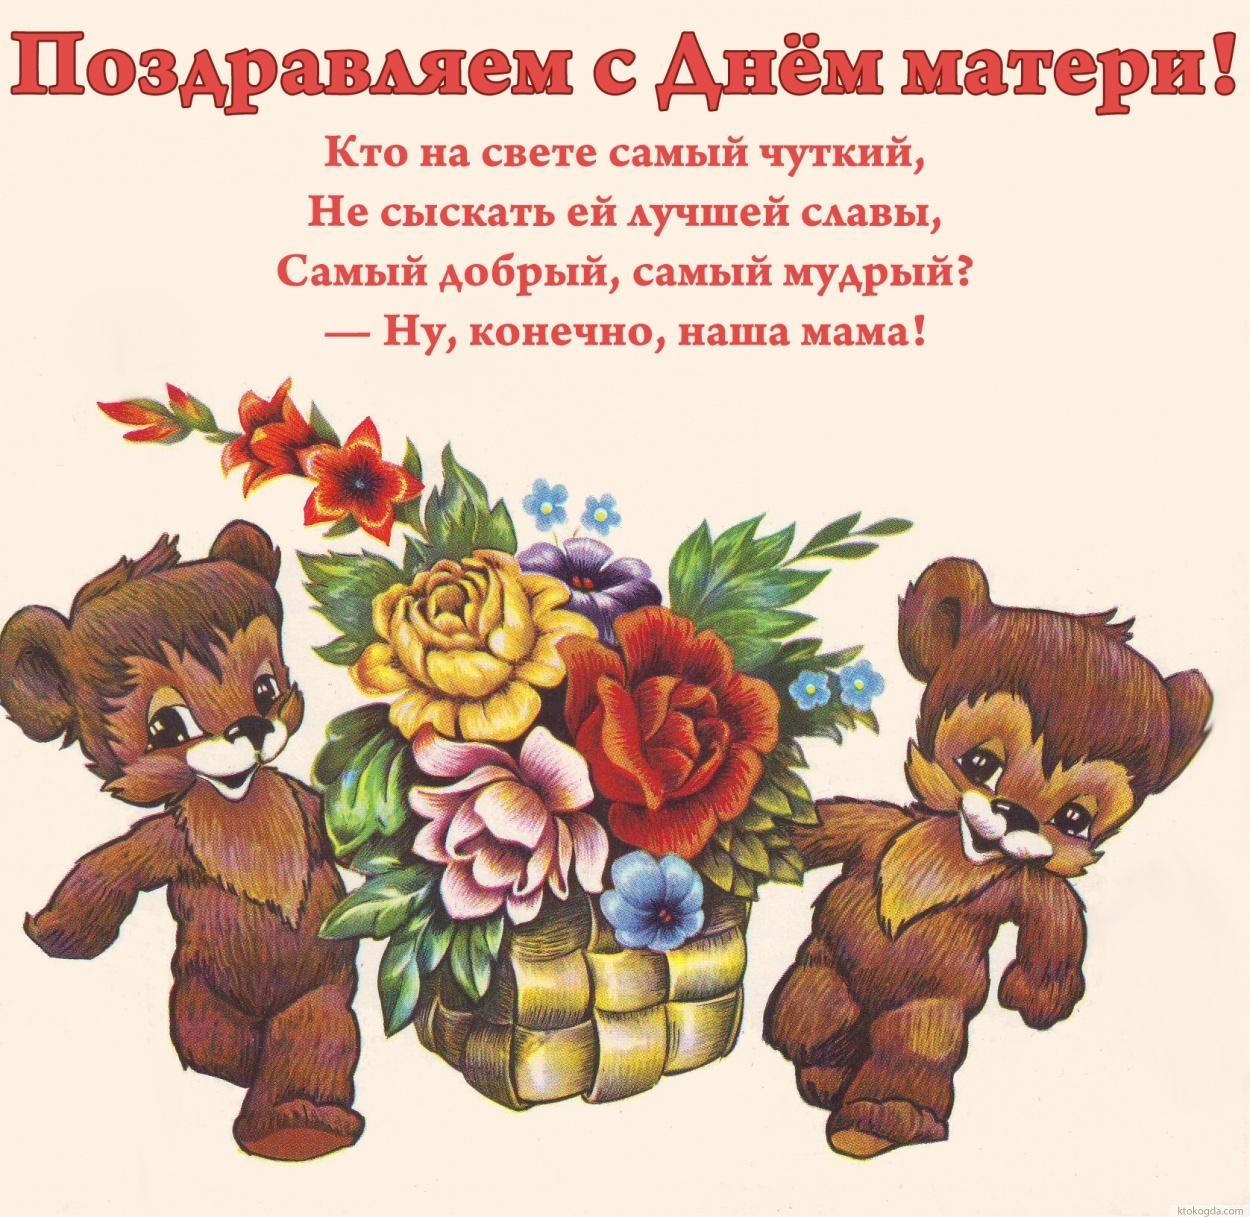 Поздравления на день матери в стихах от воспитателей